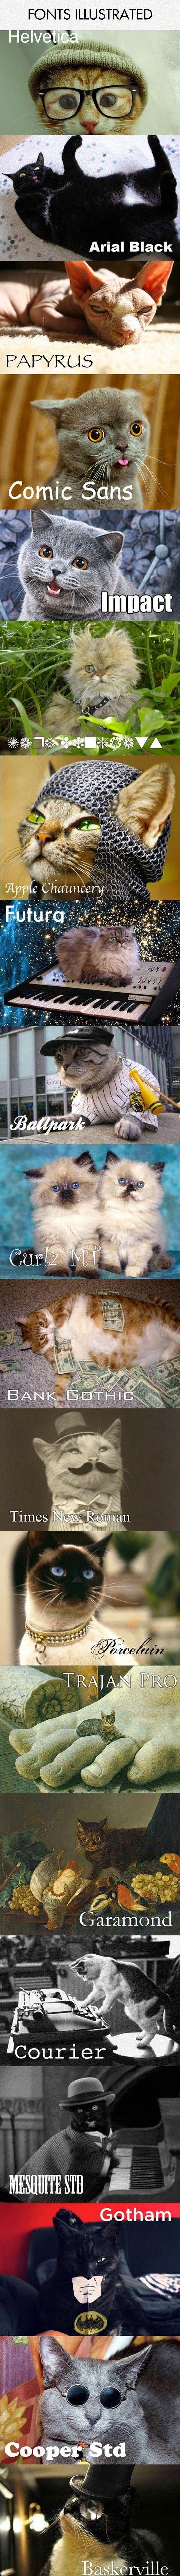 17 Terbaik Ide Tentang Humor Kucing Di Pinterest Anak Kucing